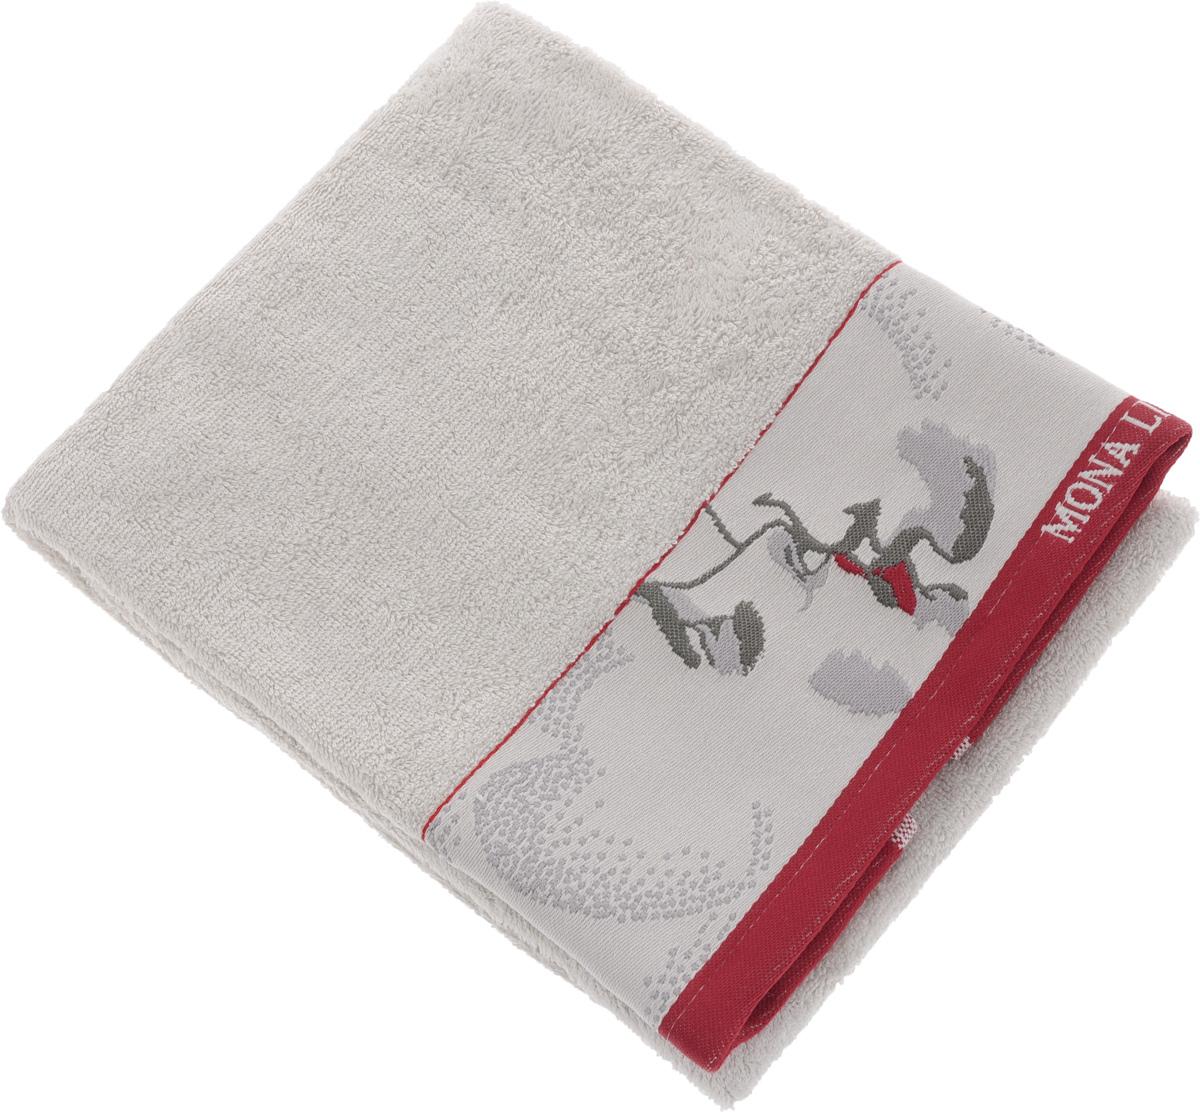 Полотенце Mona Liza Two, цвет: светло-серый, красный, 50 х 90 см529677/2Мягкое полотенце Two изготовлено из 30% хлопка и 70% бамбукового волокна. Полотенце Two с жаккардовым бордюром обладает высокой впитывающей способностью и сочетает в себе элегантную роскошь и практичность. Благодаря высокому качеству изготовления, полотенце будет радовать вас многие годы. Мотивы коллекции Mona Liza Premium bu Serg Look навеяны итальянскими фресками эпохи Ренессанса, периода удивительной гармонии в искусстве. В представленной коллекции для нанесения на ткань рисунка применяется многоцветная печать, метод реактивного крашения, который позволяет создать уникальную цветовую гамму, напоминающую старинные фрески. Этот метод также обеспечивает высокую устойчивость краски при стирке.